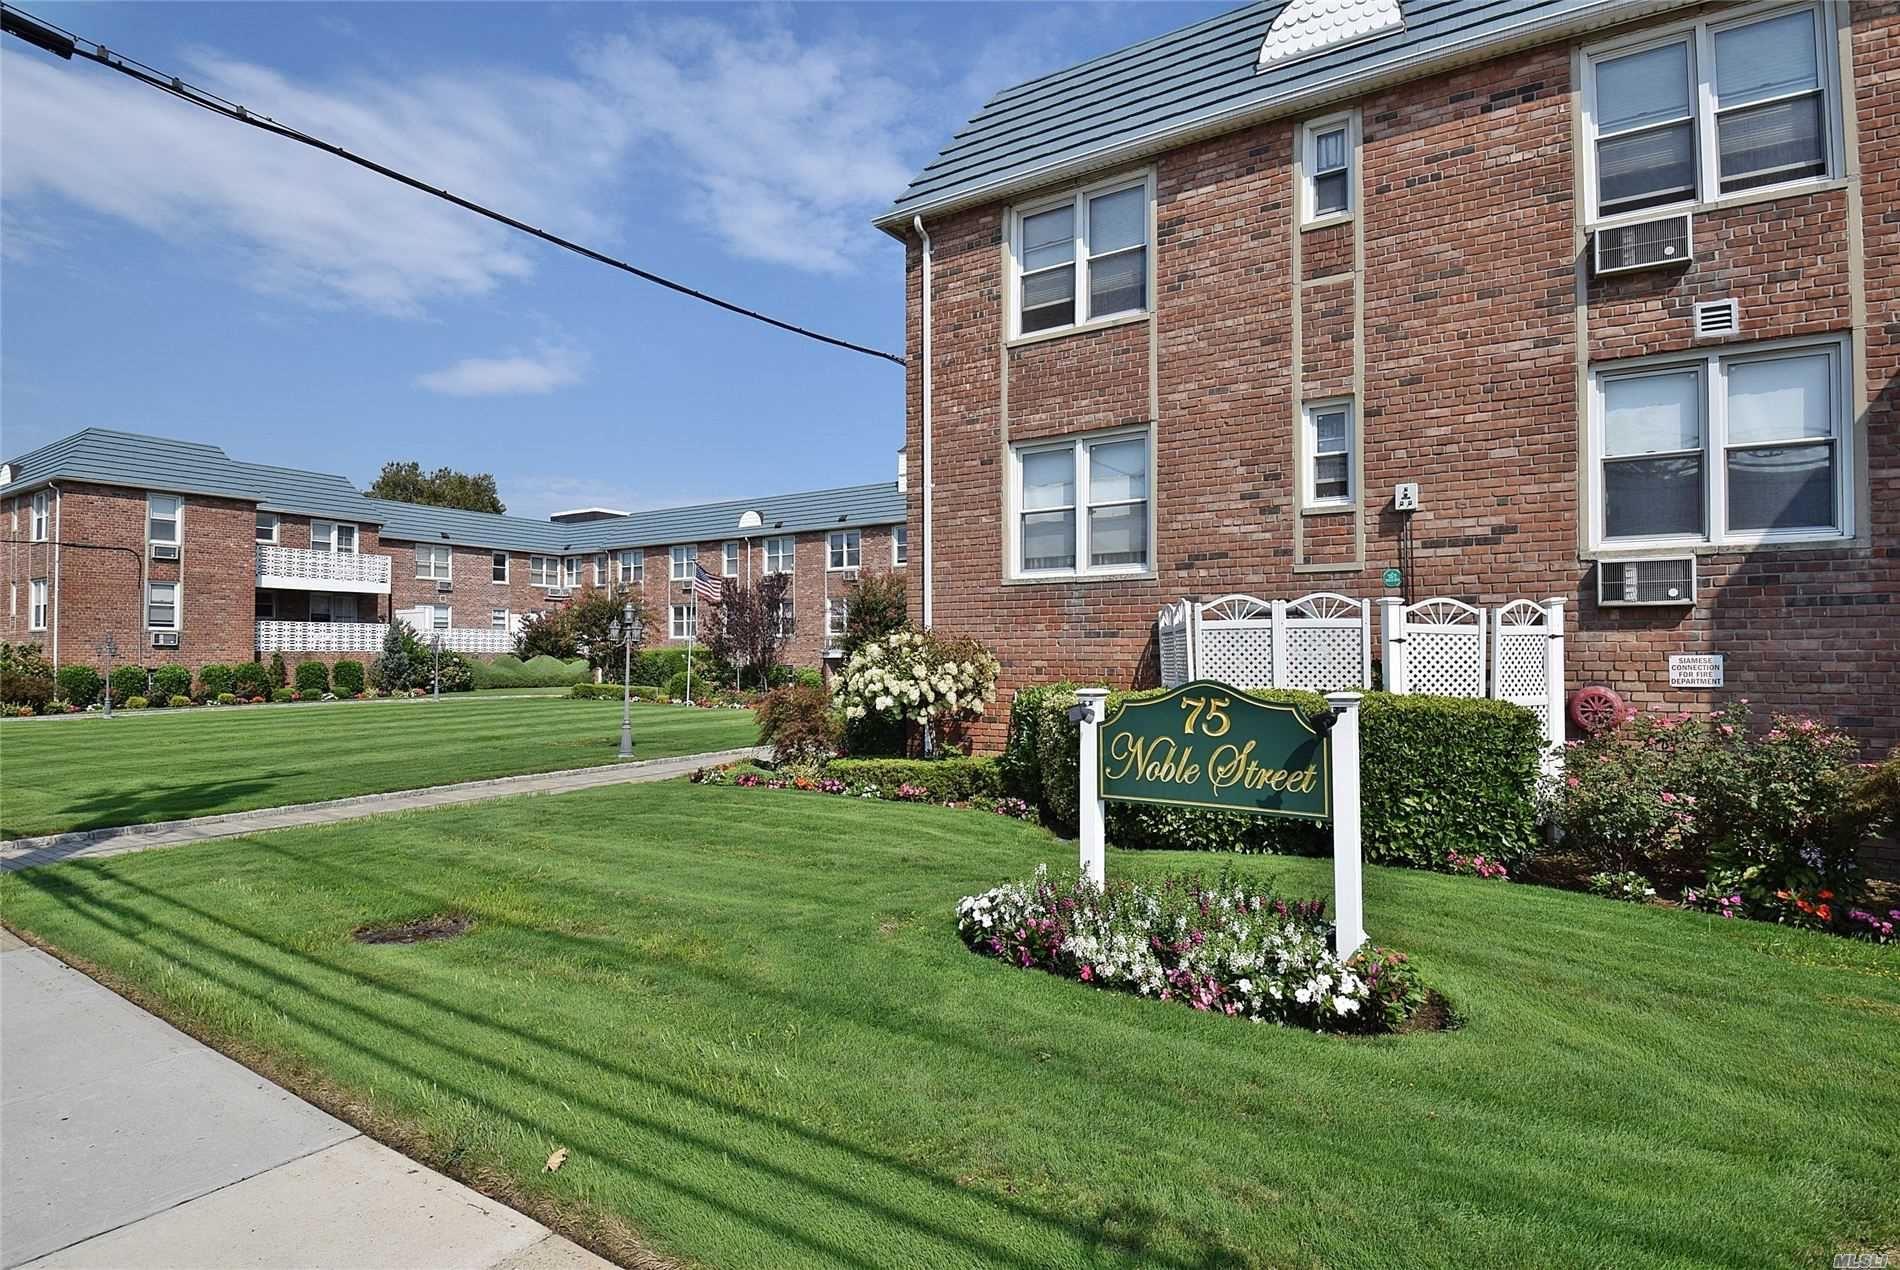 75 Noble Street #230, Lynbrook, NY 11563 - MLS#: 3247204